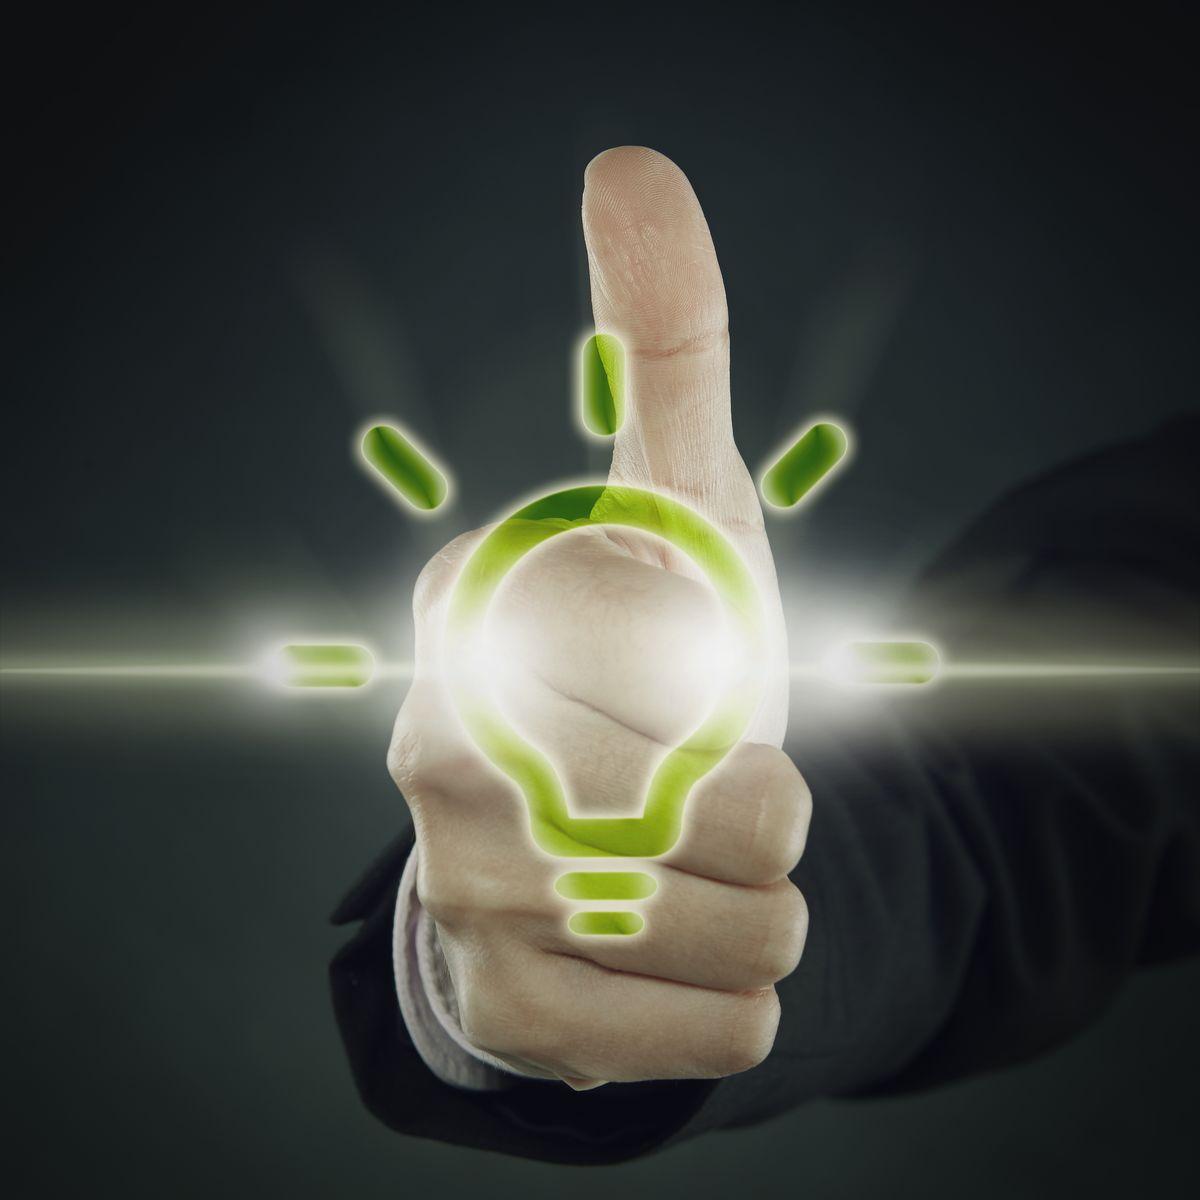 Hogyan válasszunk jó biztonságtechnikai céget?